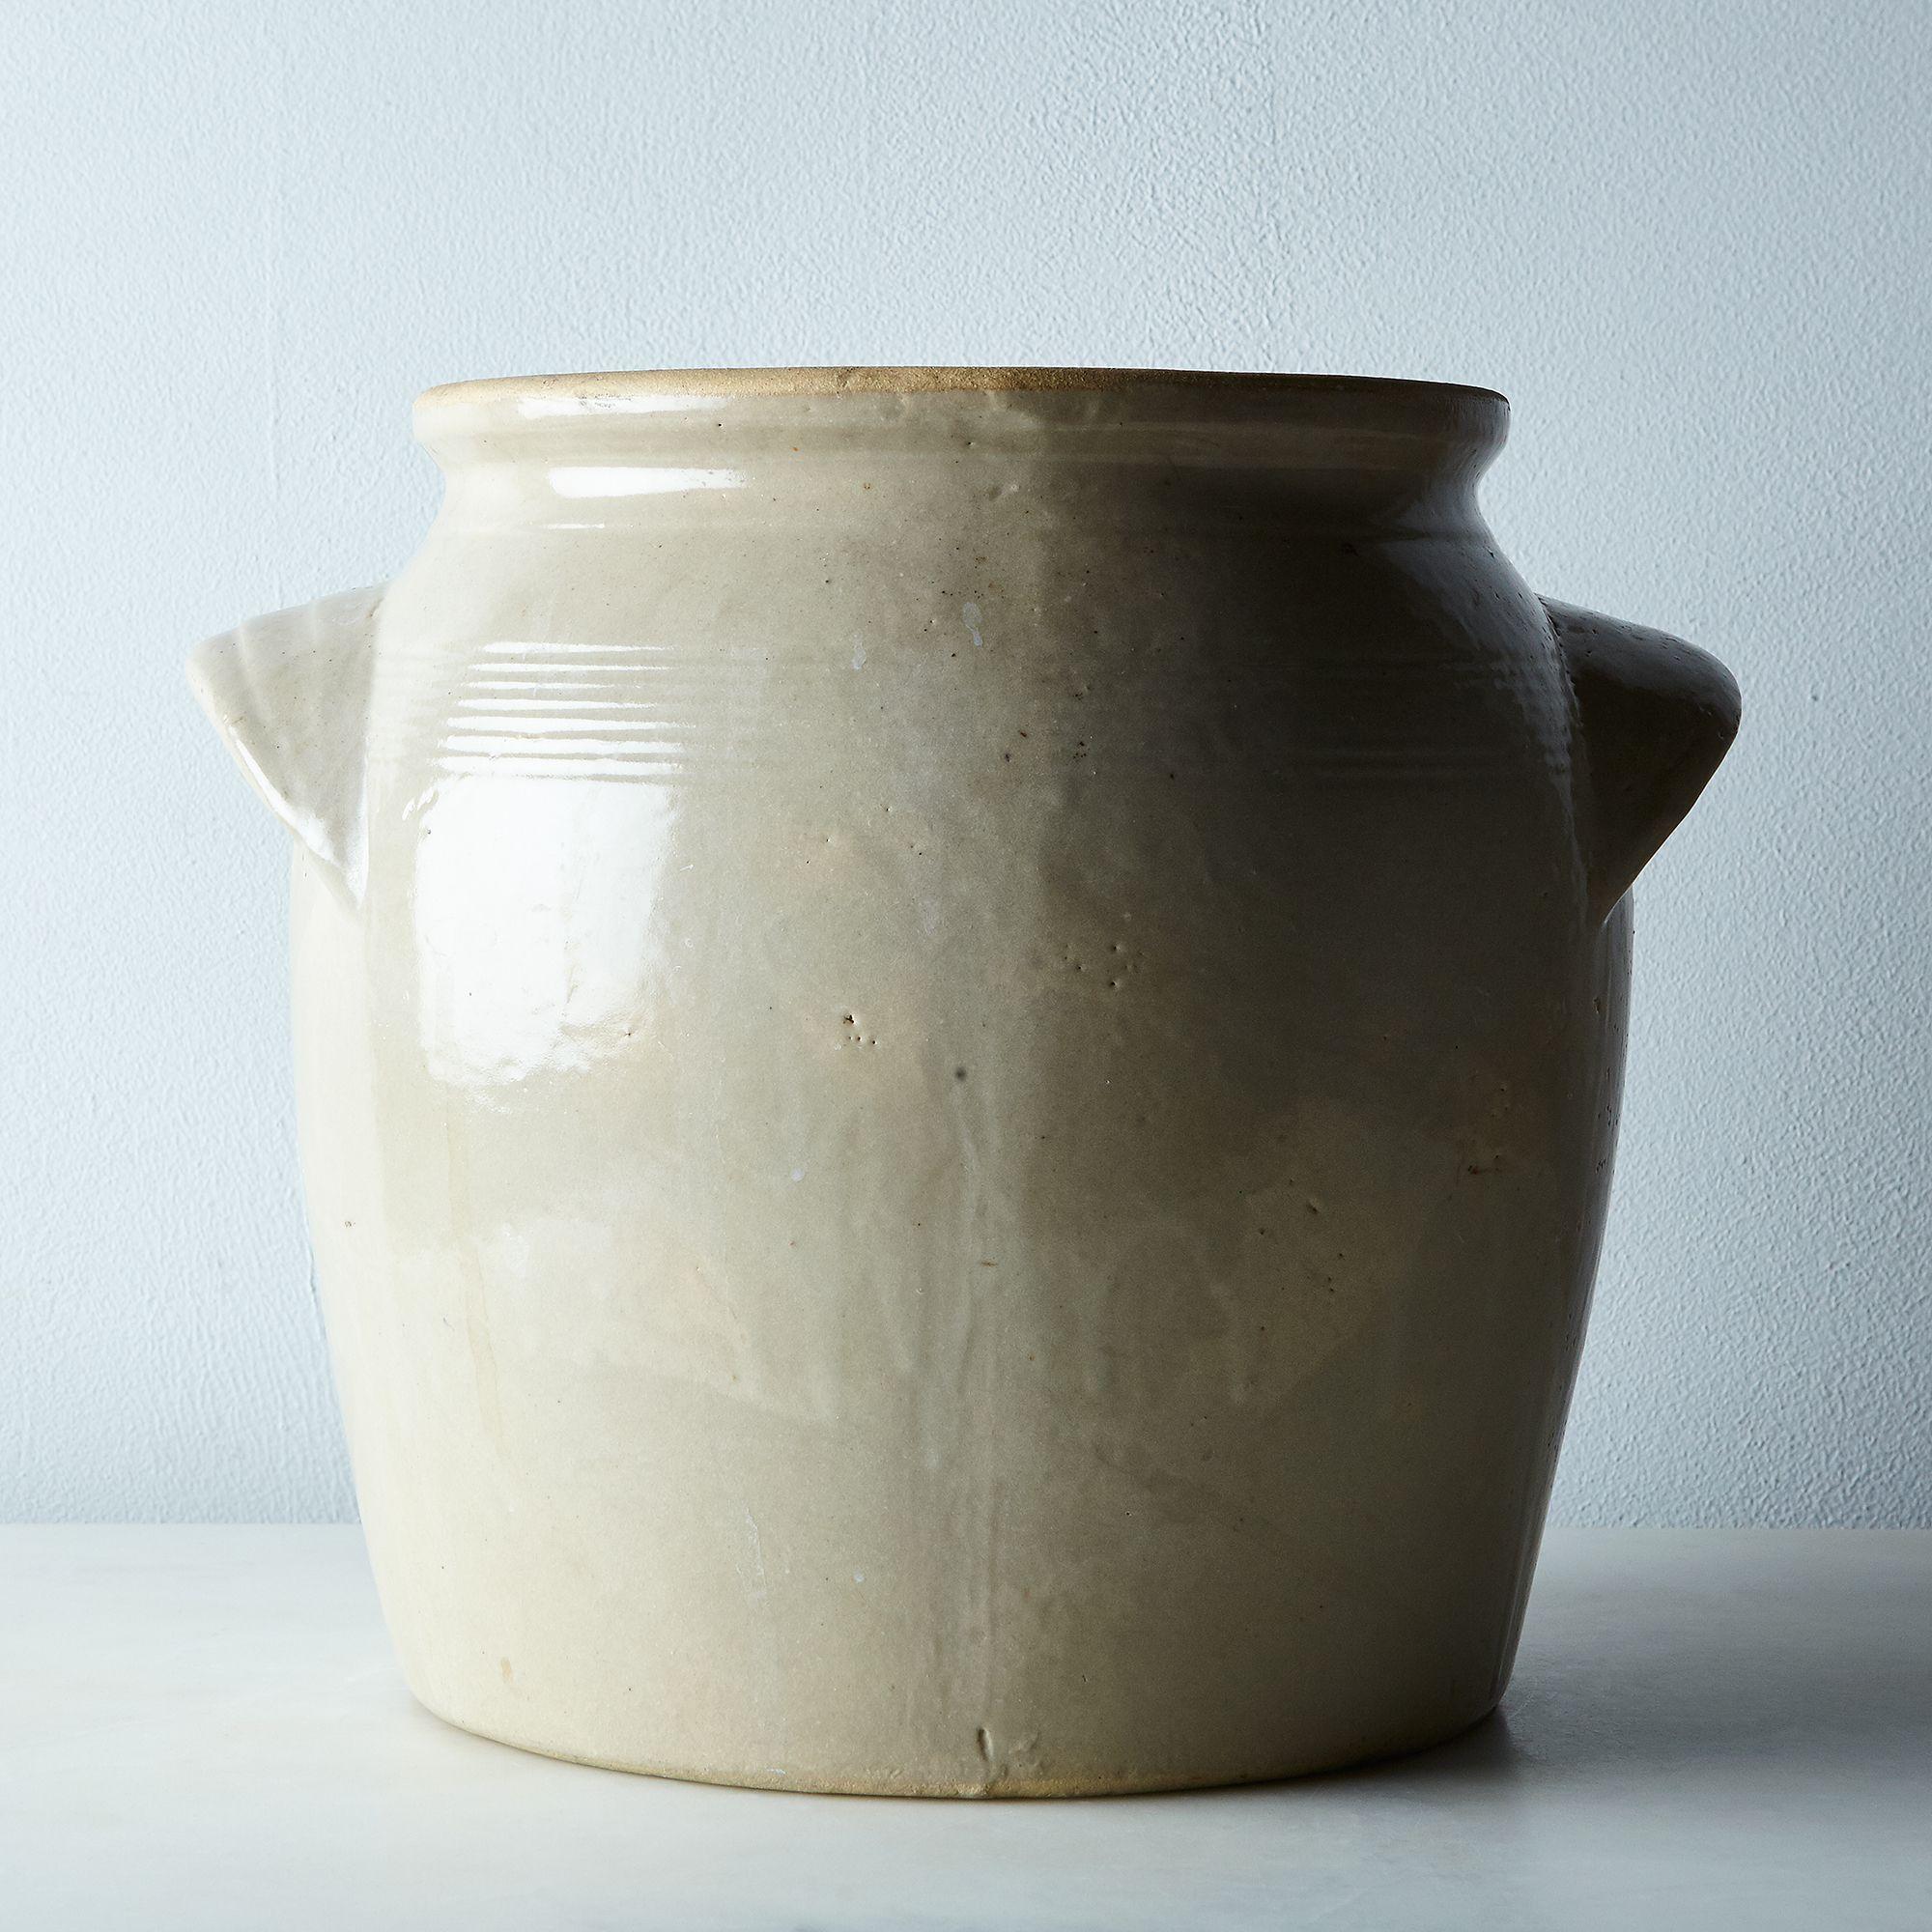 2482f2c9 7ec5 46a6 95e9 a6442312a448  2016 0223 food52 vintage shop vintage stoneware crock large silo rocky luten 002